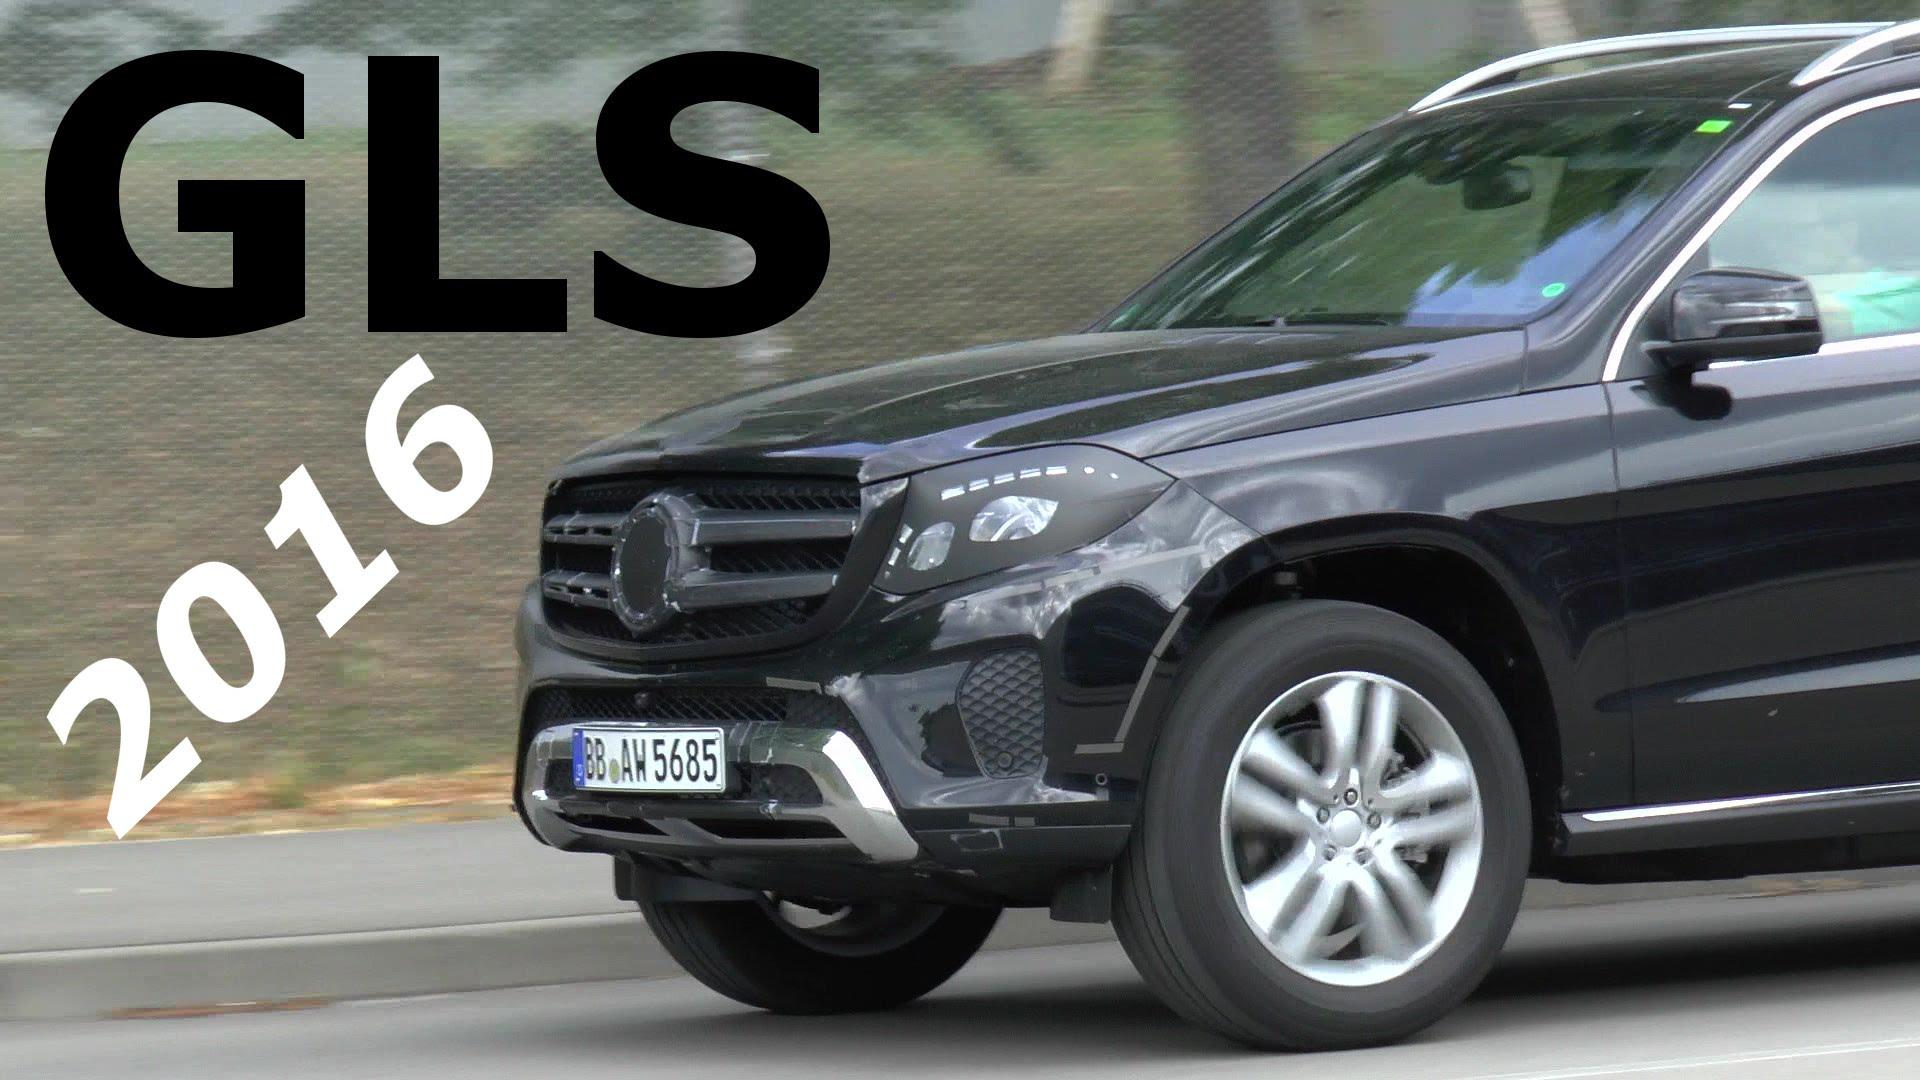 Otkrivamo kako će izgledati novi Mercedes GLS